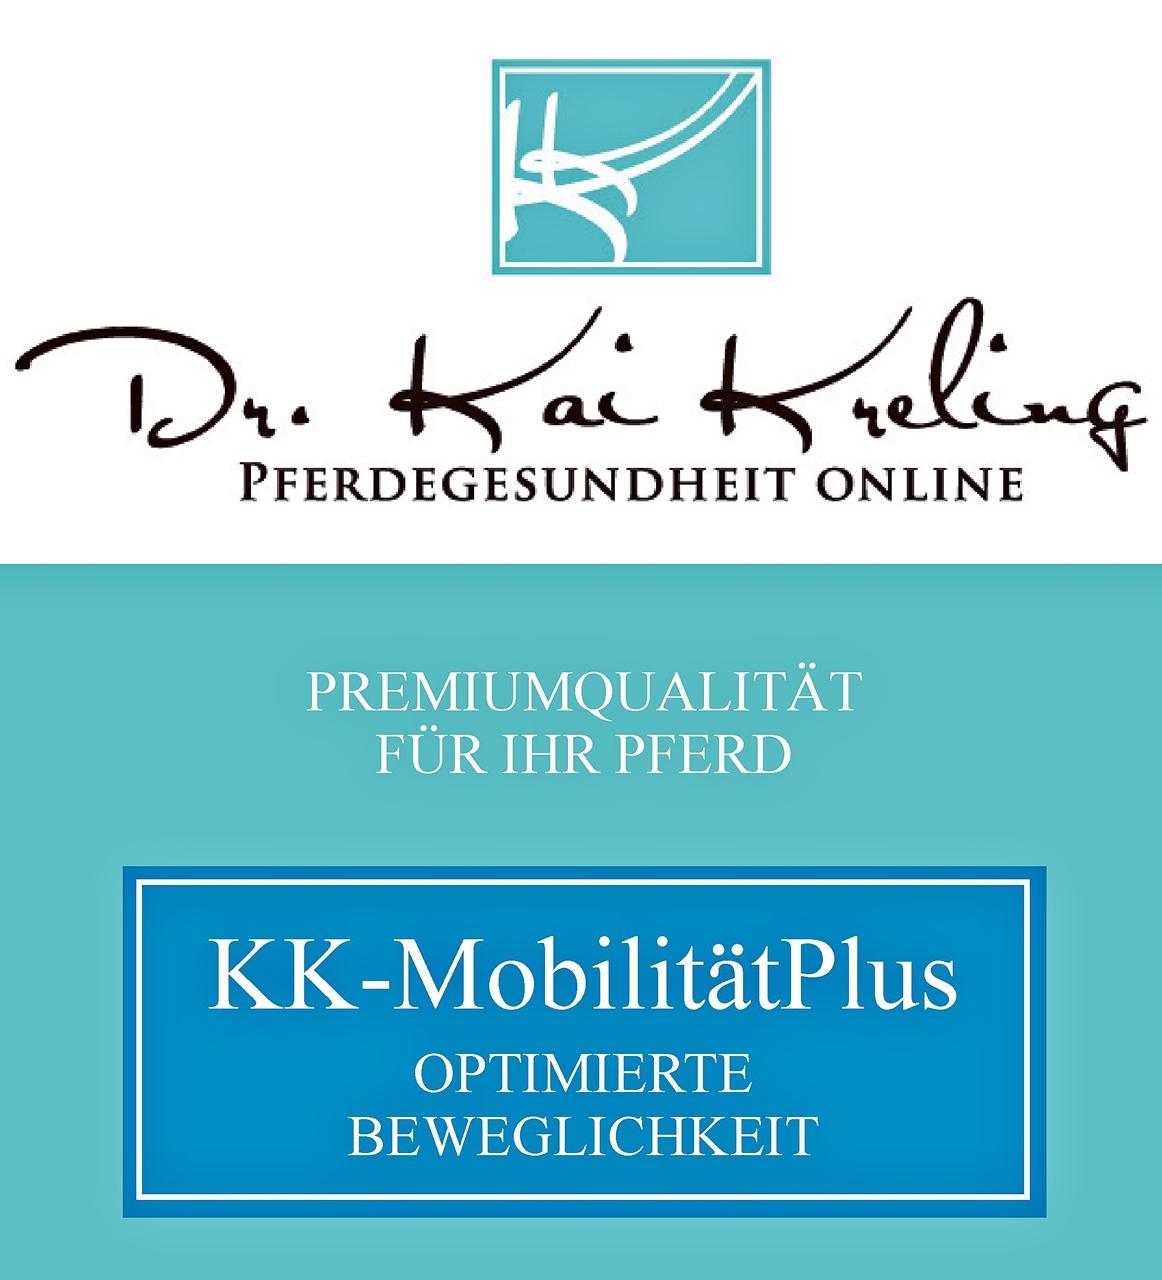 KK-MobilitätPlus